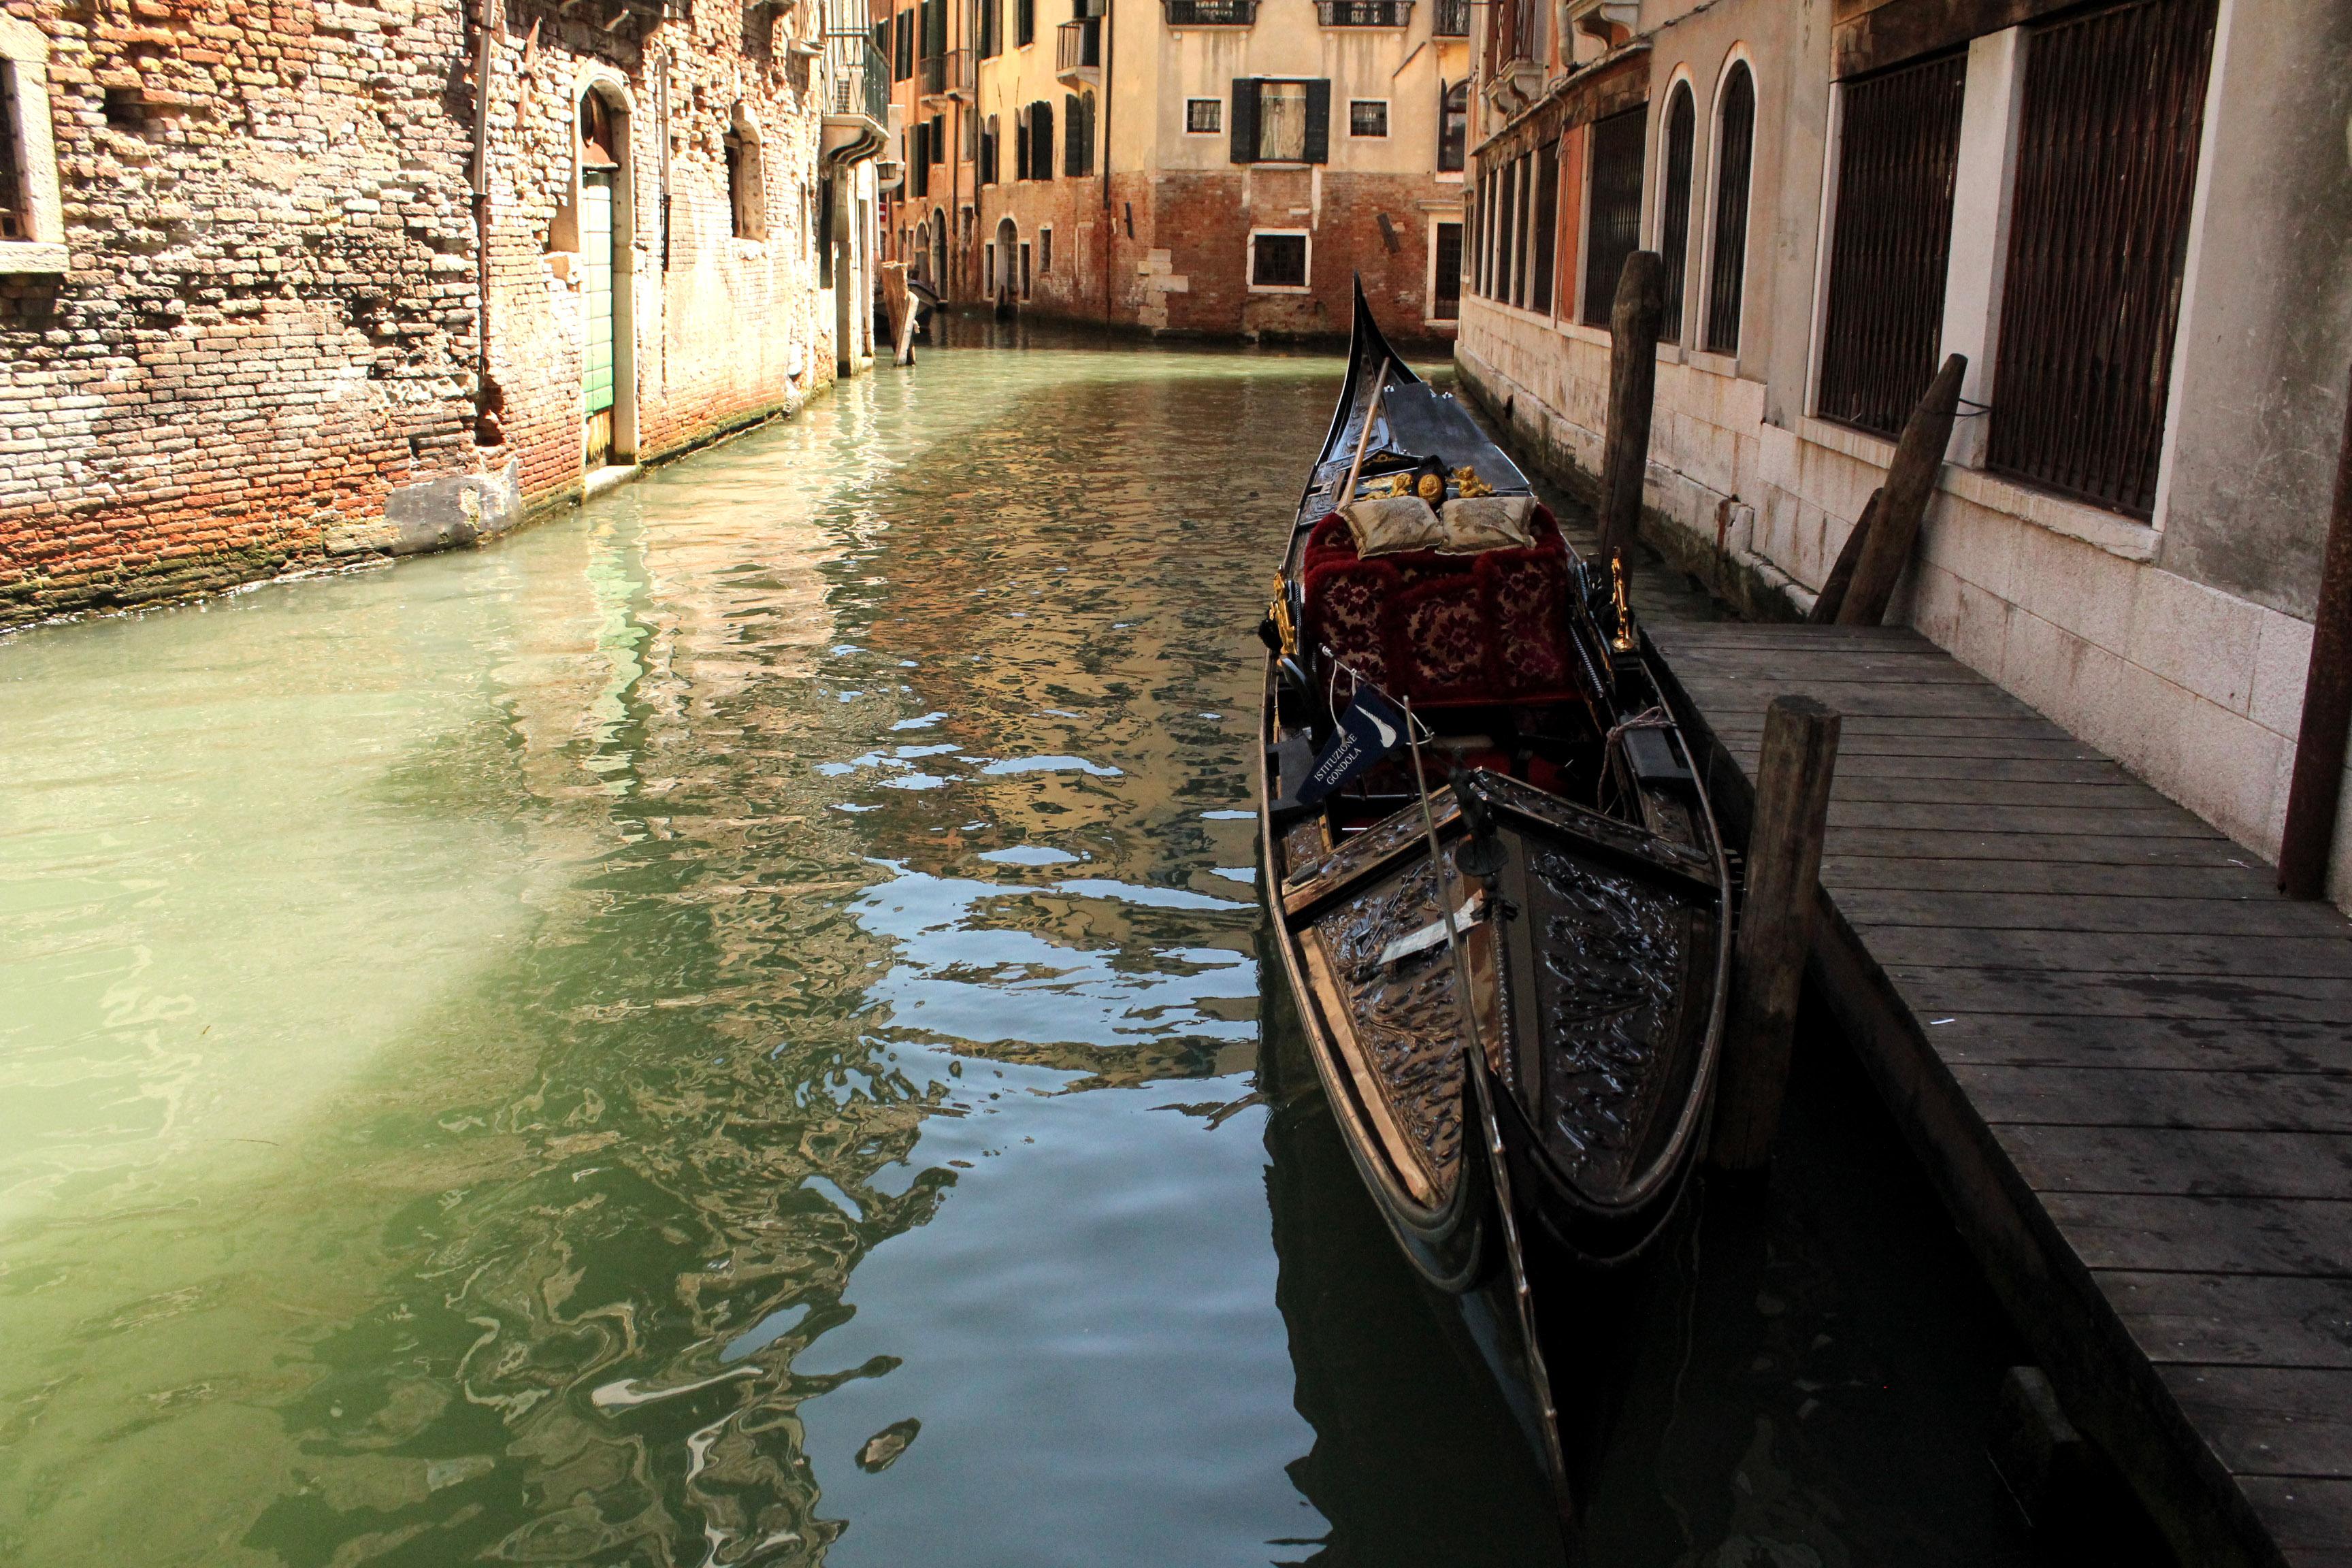 фото венецианской гондолы денег все